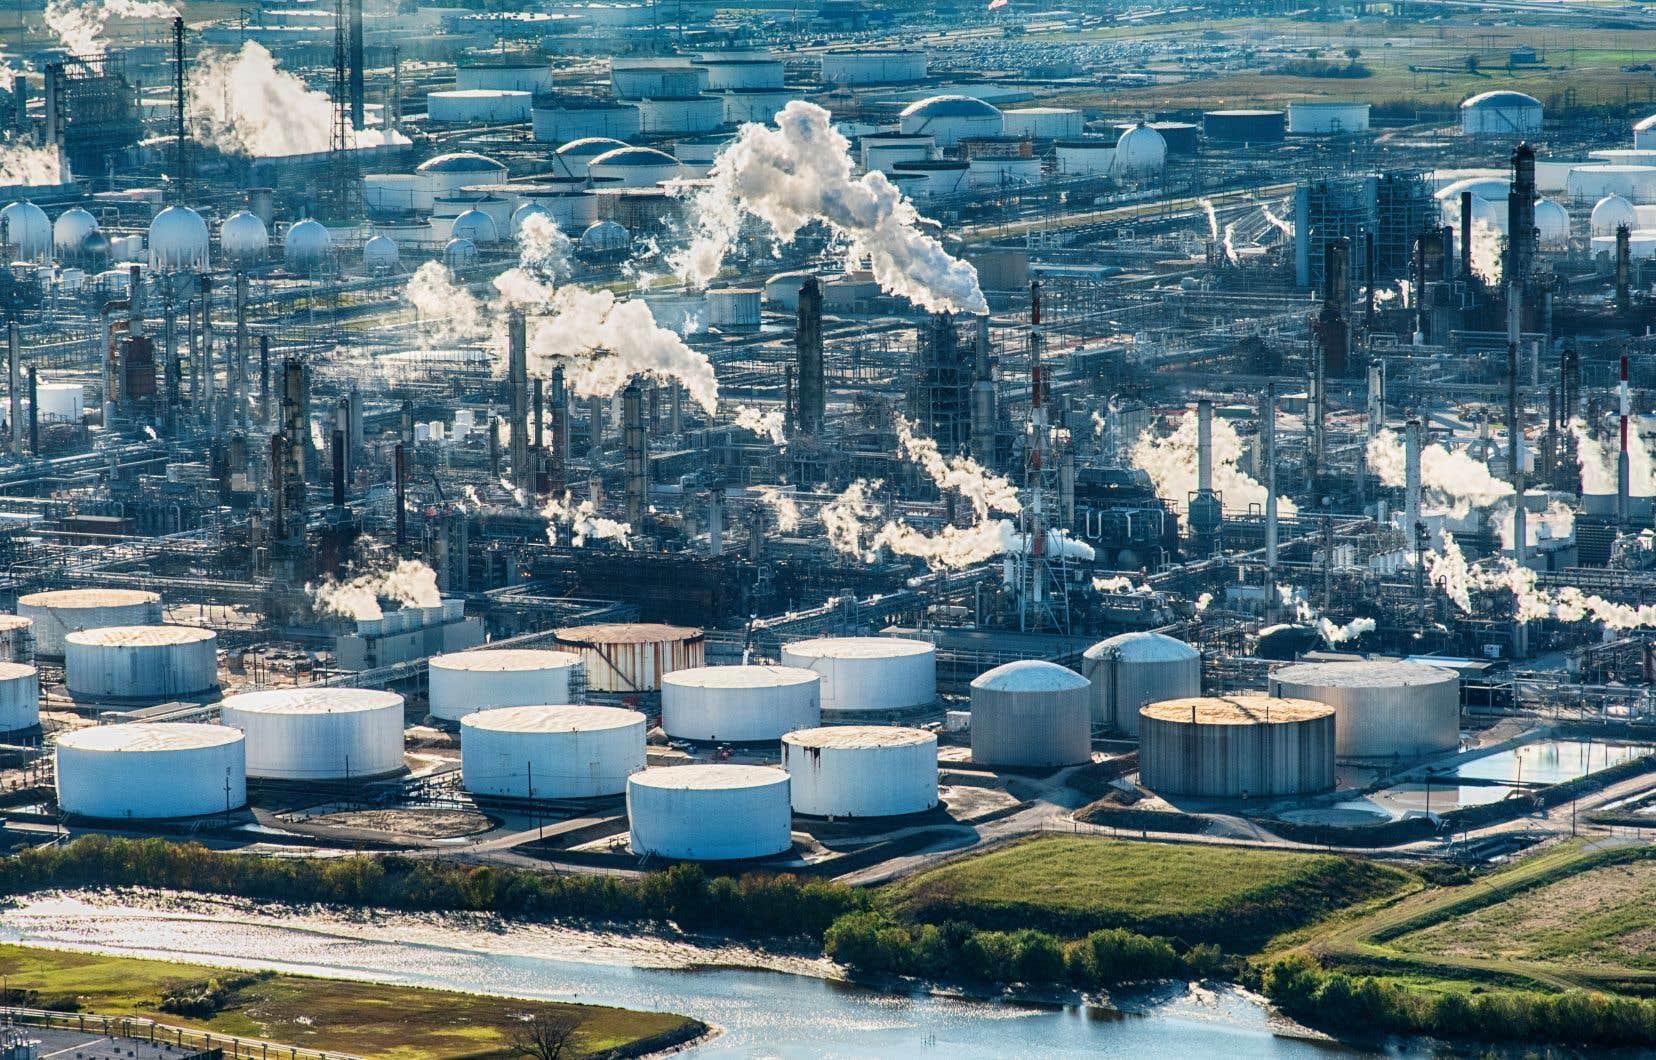 La baisse attendue de la consommation de pétrole dans les pays de l'OCDE sera plus qu'effacée par la hausse de la demande dans les pays émergents.